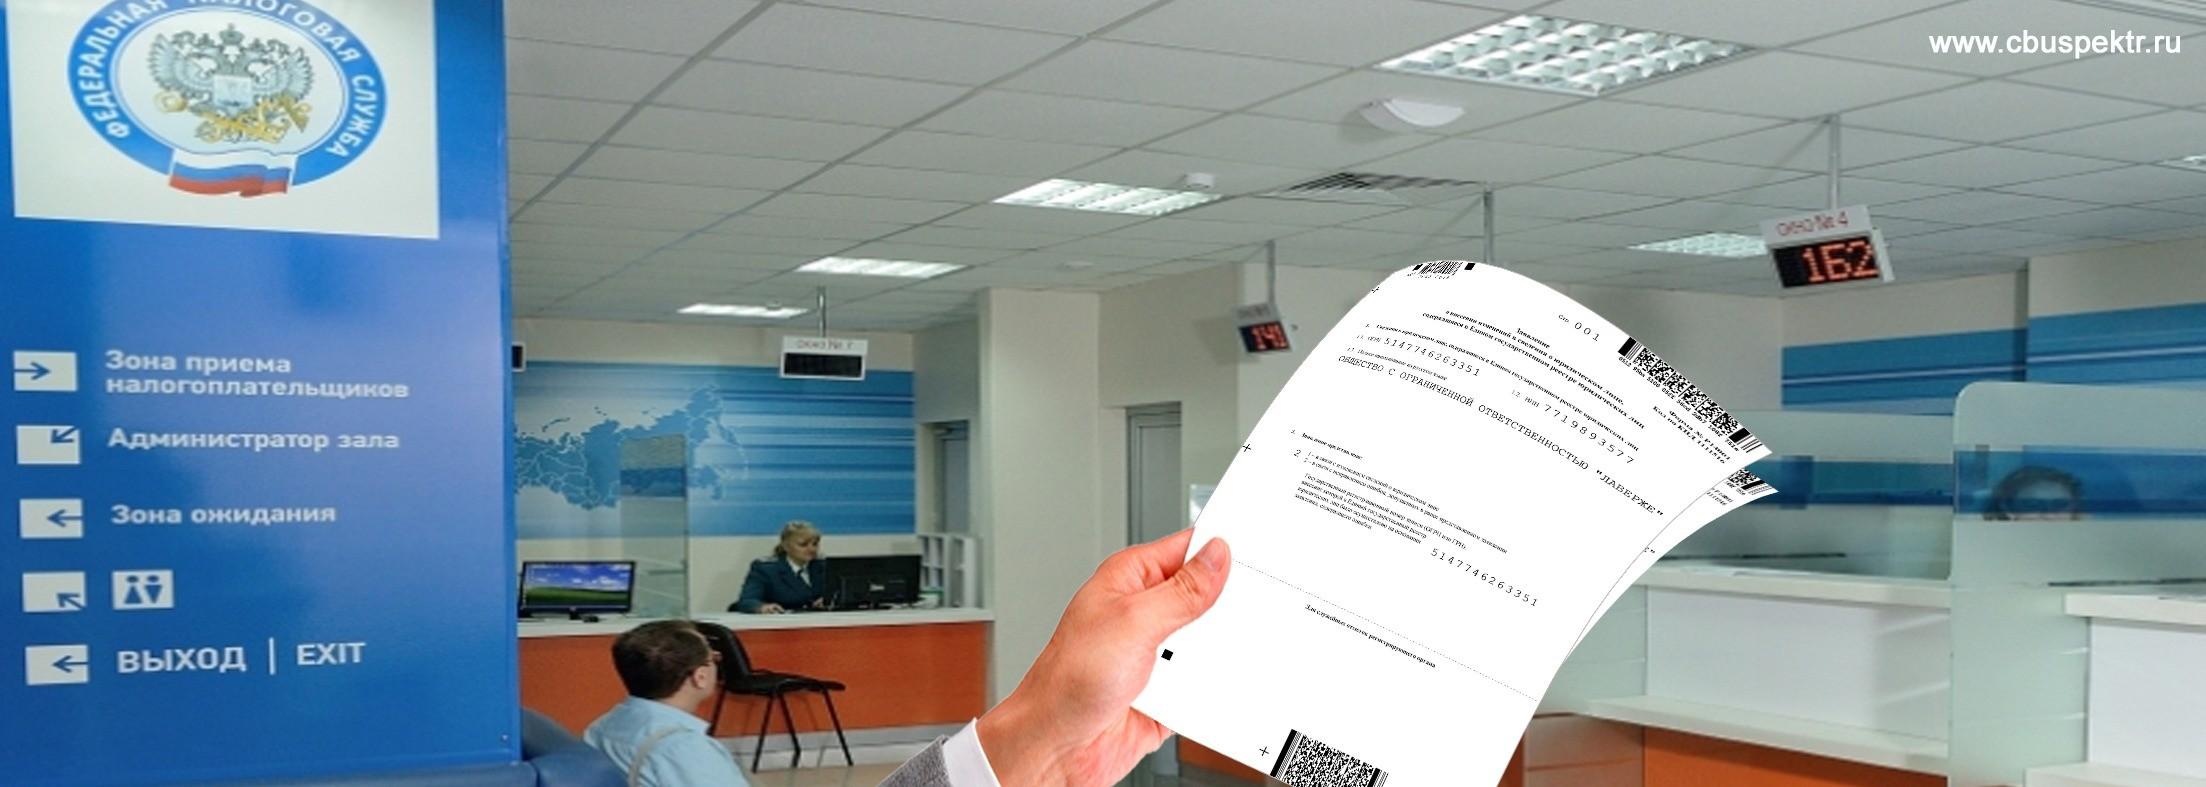 Заявление о регистрации изменений в ЕГРЮЛ сдается в ИФНС